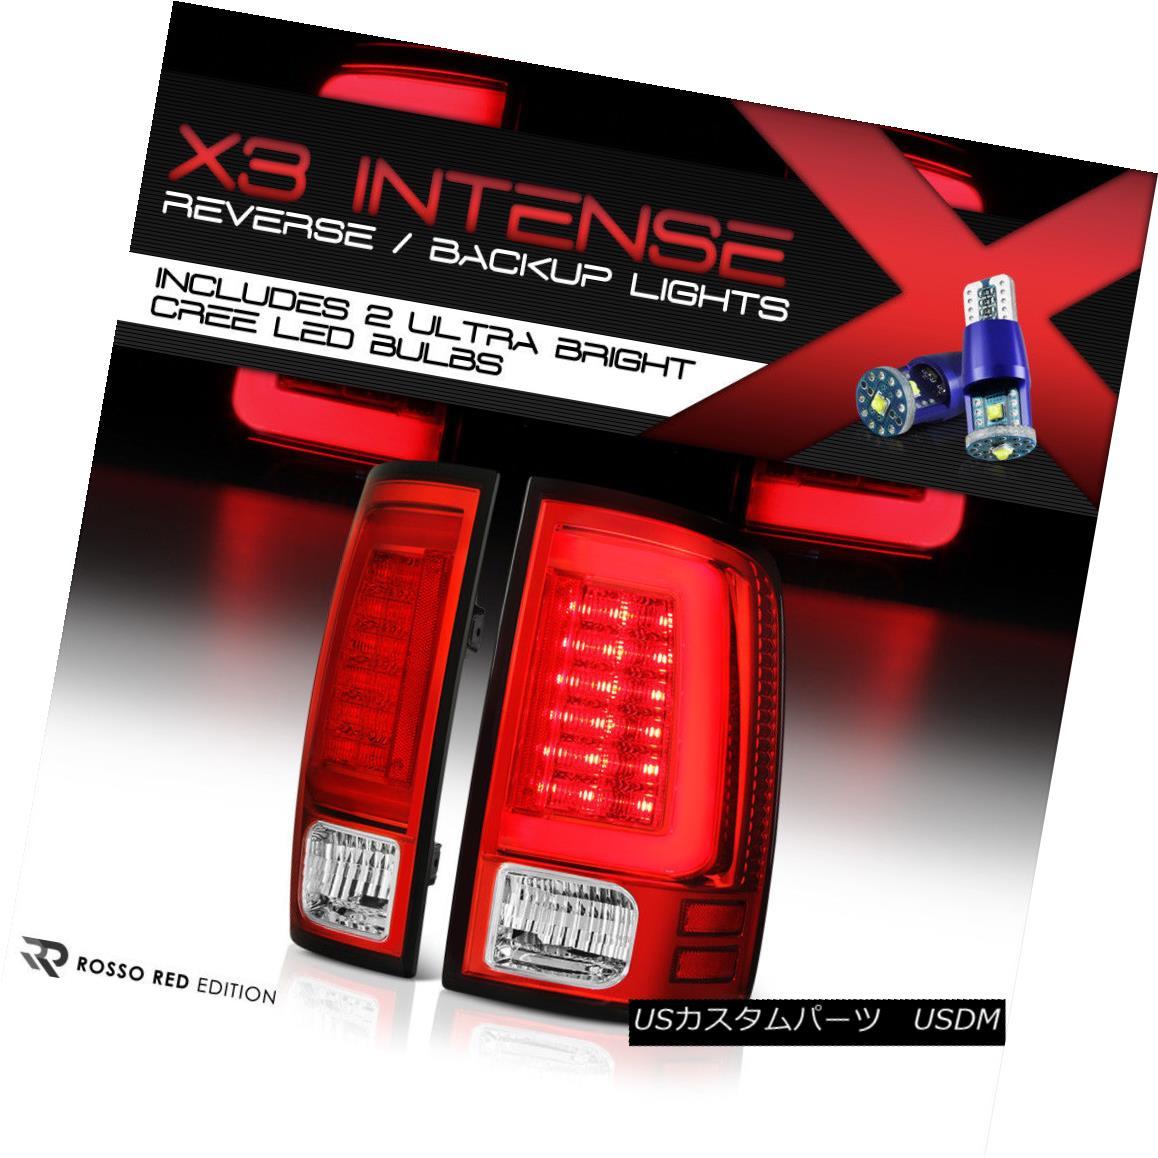 テールライト !HIGH-POWER SMD REVERSE! 09-18 Dodge RAM {TRON STYLE} Neon Tube LED Tail Lights !ハイパワーSMDリバース! 09-18ダッジRAM {トロンスタイル}ネオンチューブLEDテールライト